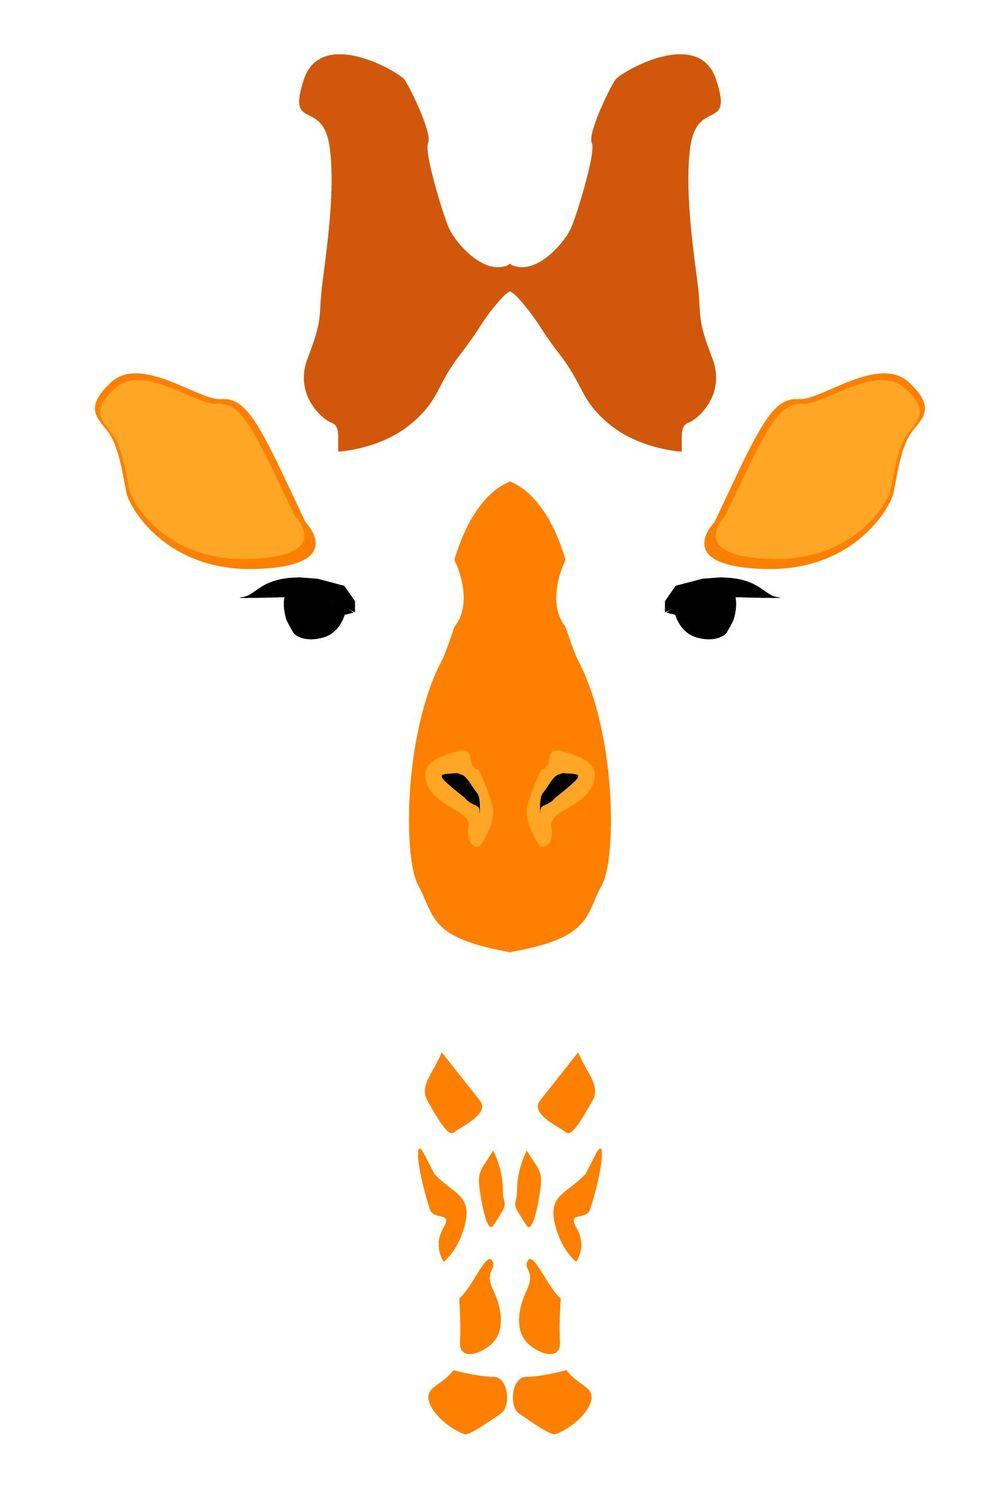 Girafa - image 2 - student project